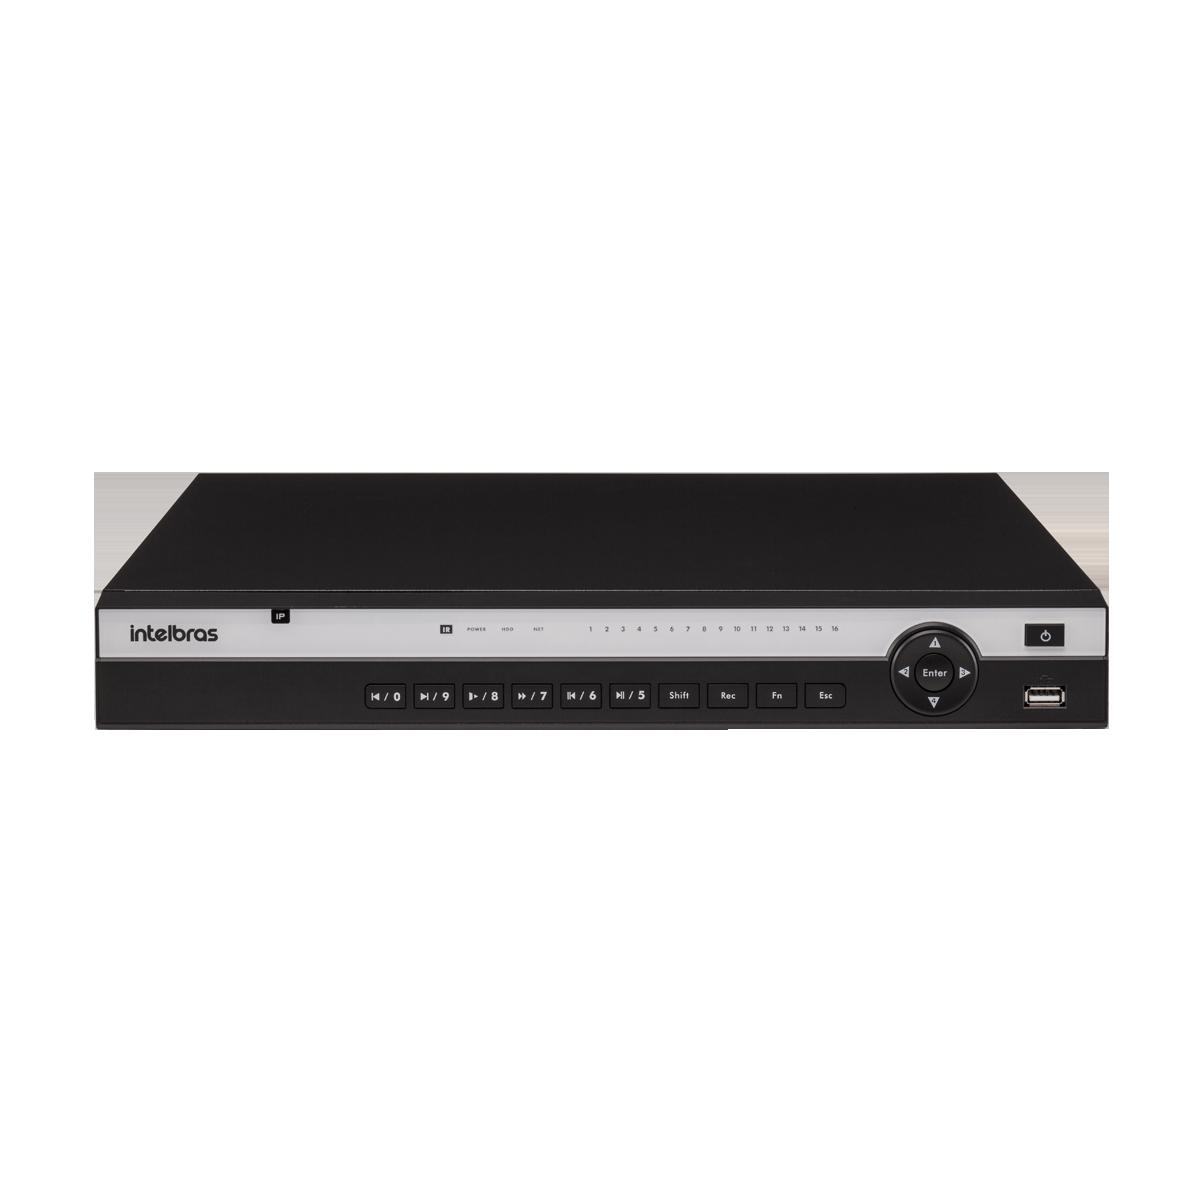 NVD 3116 P C/ HD 8TB - GRAV. DIG. DE VÍDEO EM REDE PARA ATÉ 16 CANAIS IP EM FULL HD @ 30 FPS, COM 16 PORTAS POE, INTELIGÊNCIA DE VÍDEO EM TODOS OS CANAIS, H.265, SUPORTE PARA 2HDS E SUPORTA CÂMERAS CO  - Sandercomp Virtual